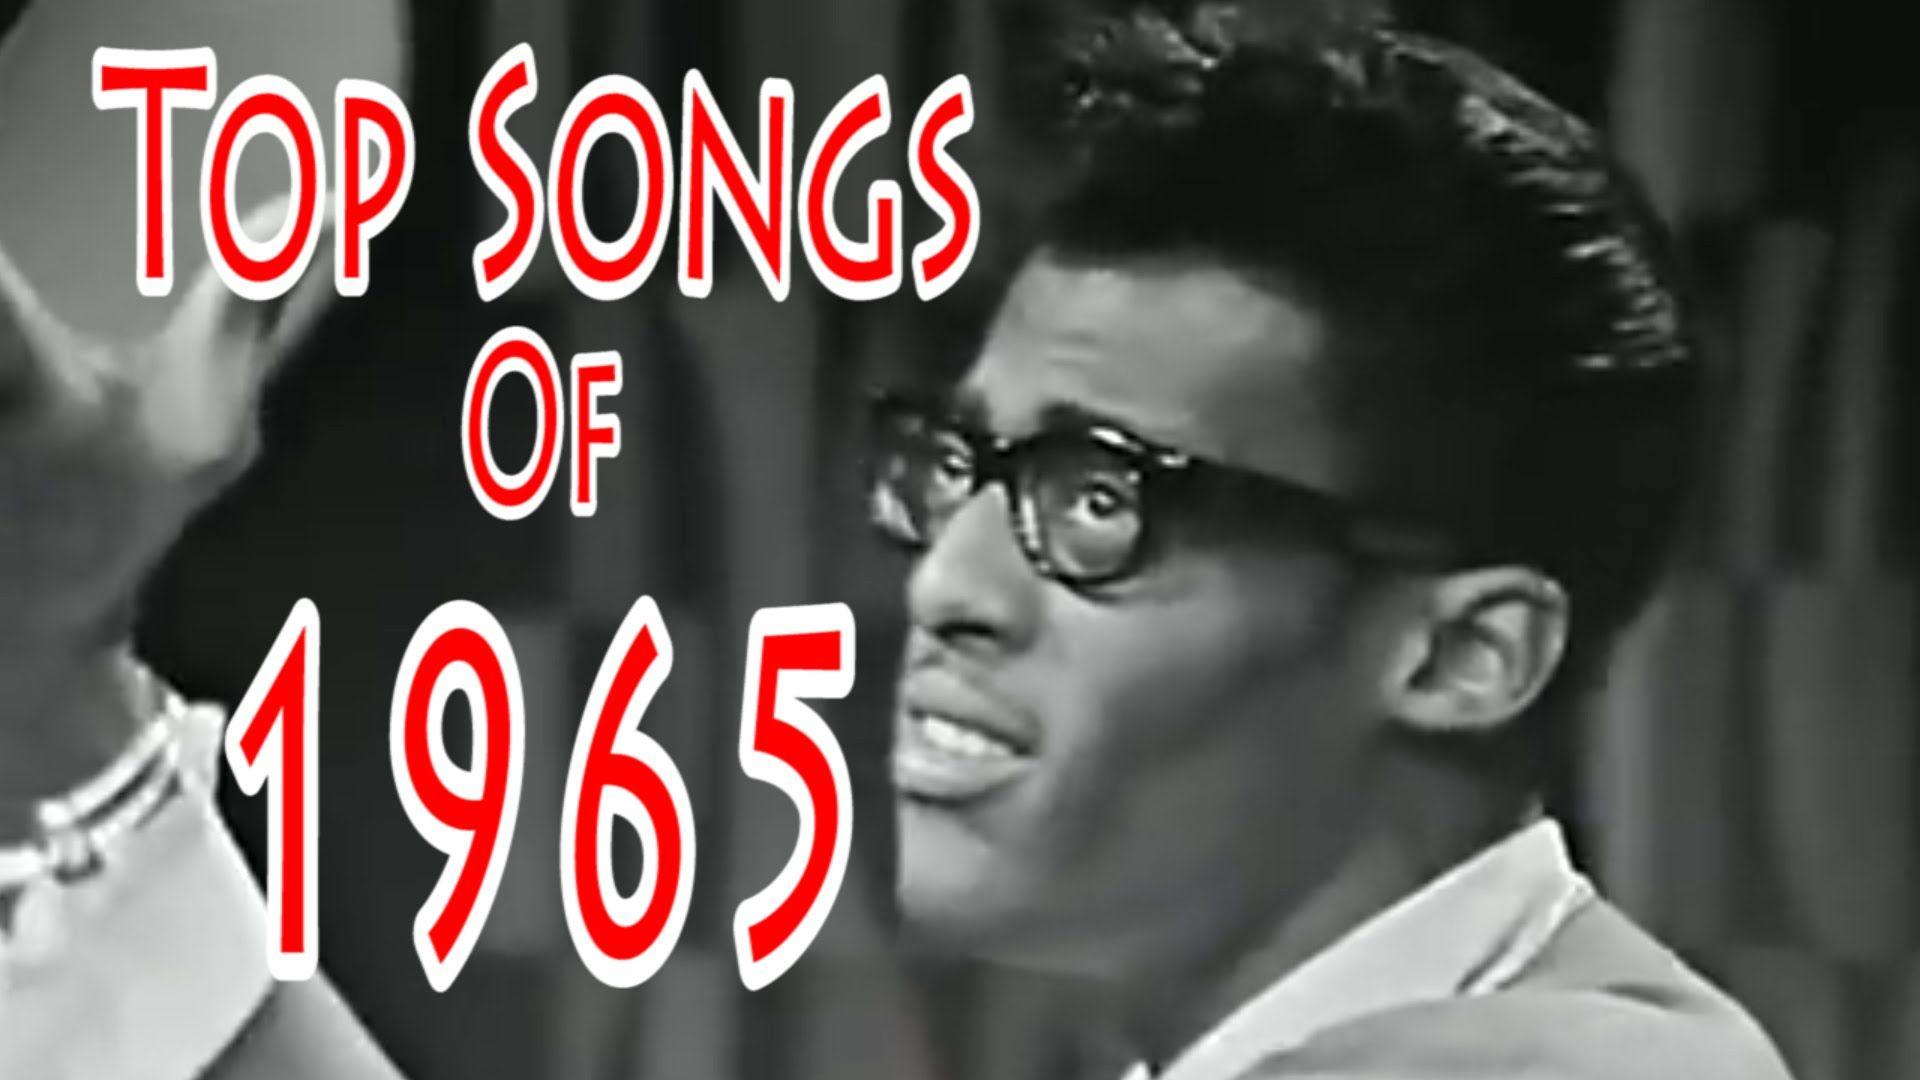 Top Songs of 1965 YouTube in 2019 Best songs, Songs